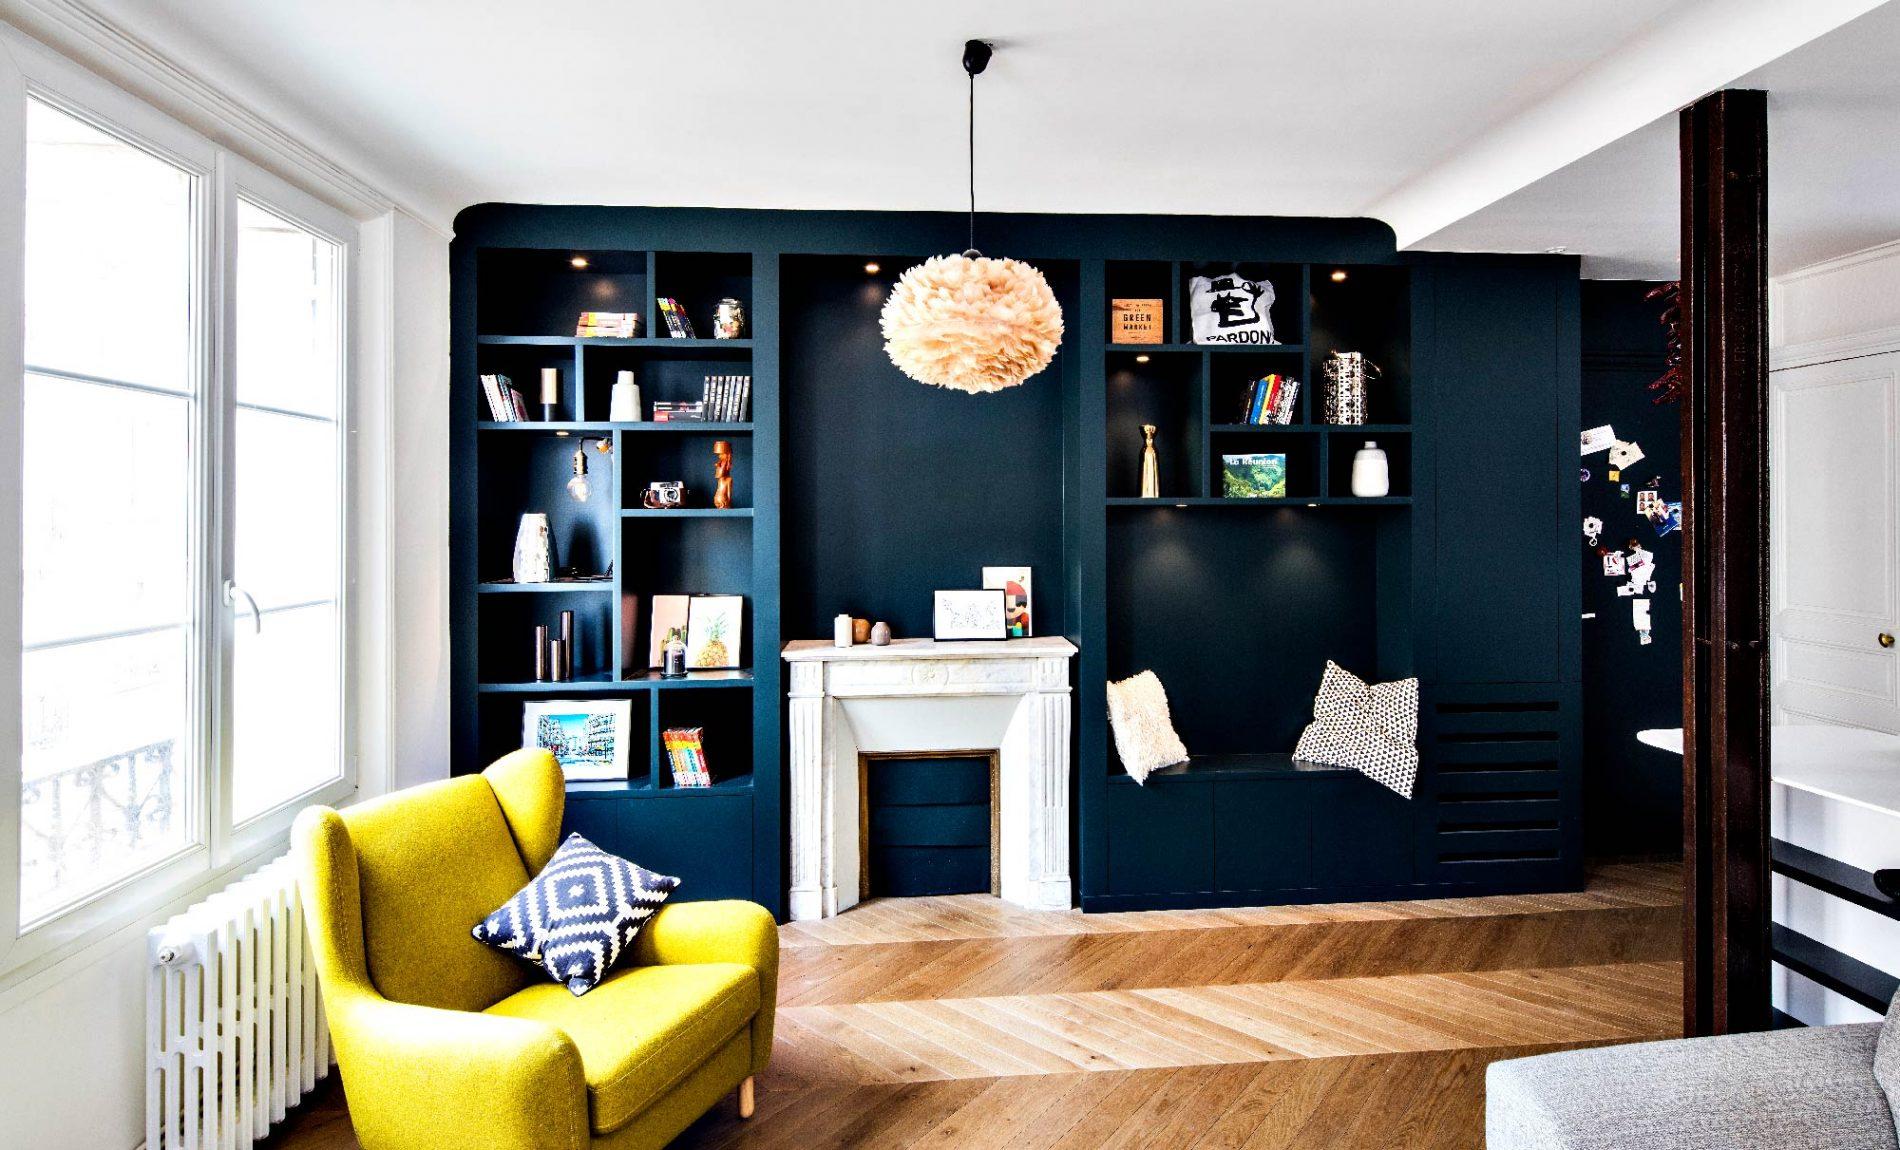 Etagères bleues autours d'une cheminée dans un appartement haussmannien